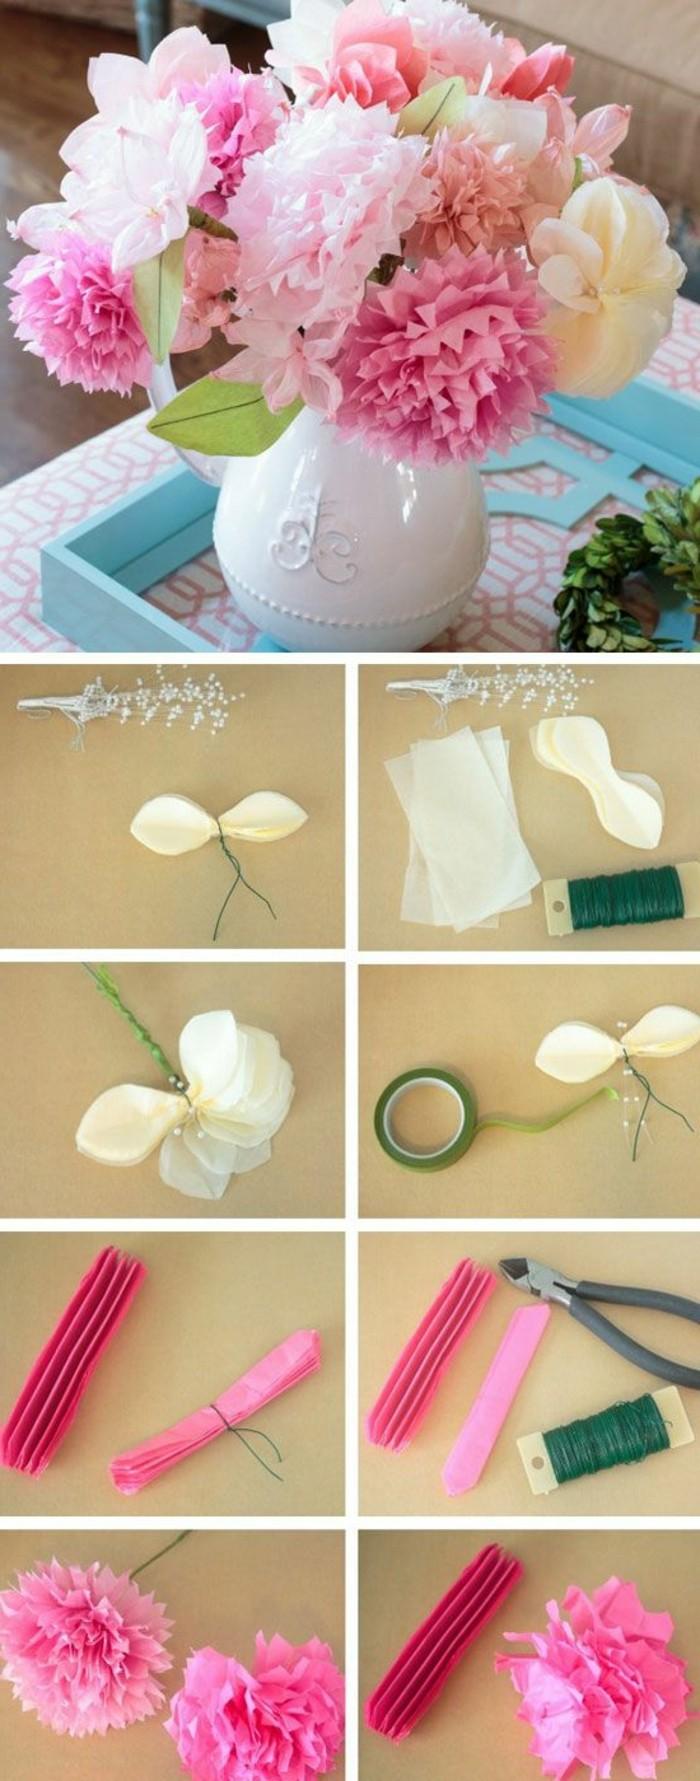 0-diy-bouquet-deco-mariage-table-avec-fleurs-en-serviettes-colores-diy-idee-mariage-pas-cher